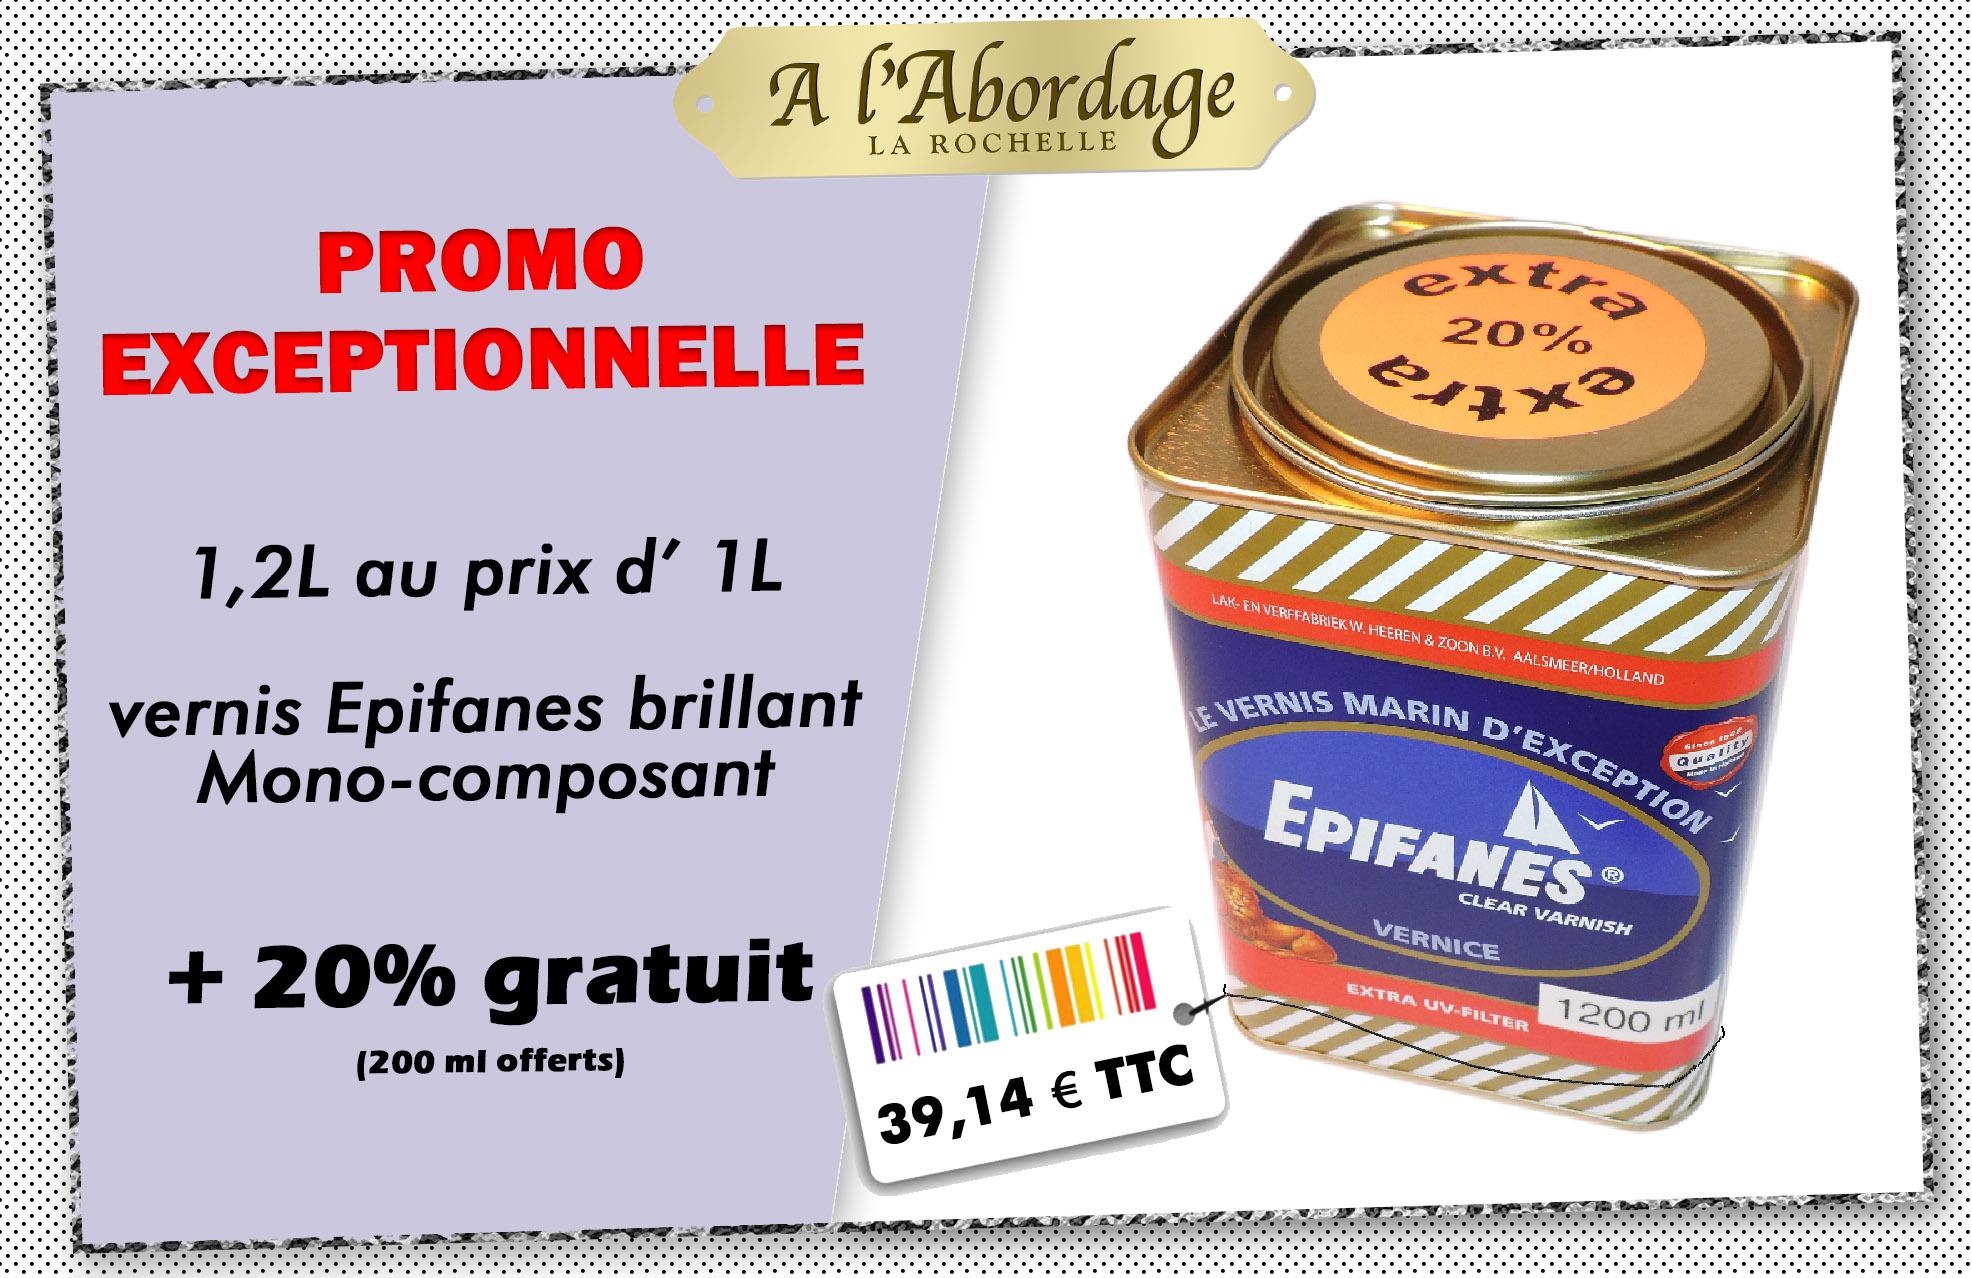 visuel de promotion du vernis epifanes monocomposant : 1.2L au prix d'1L.